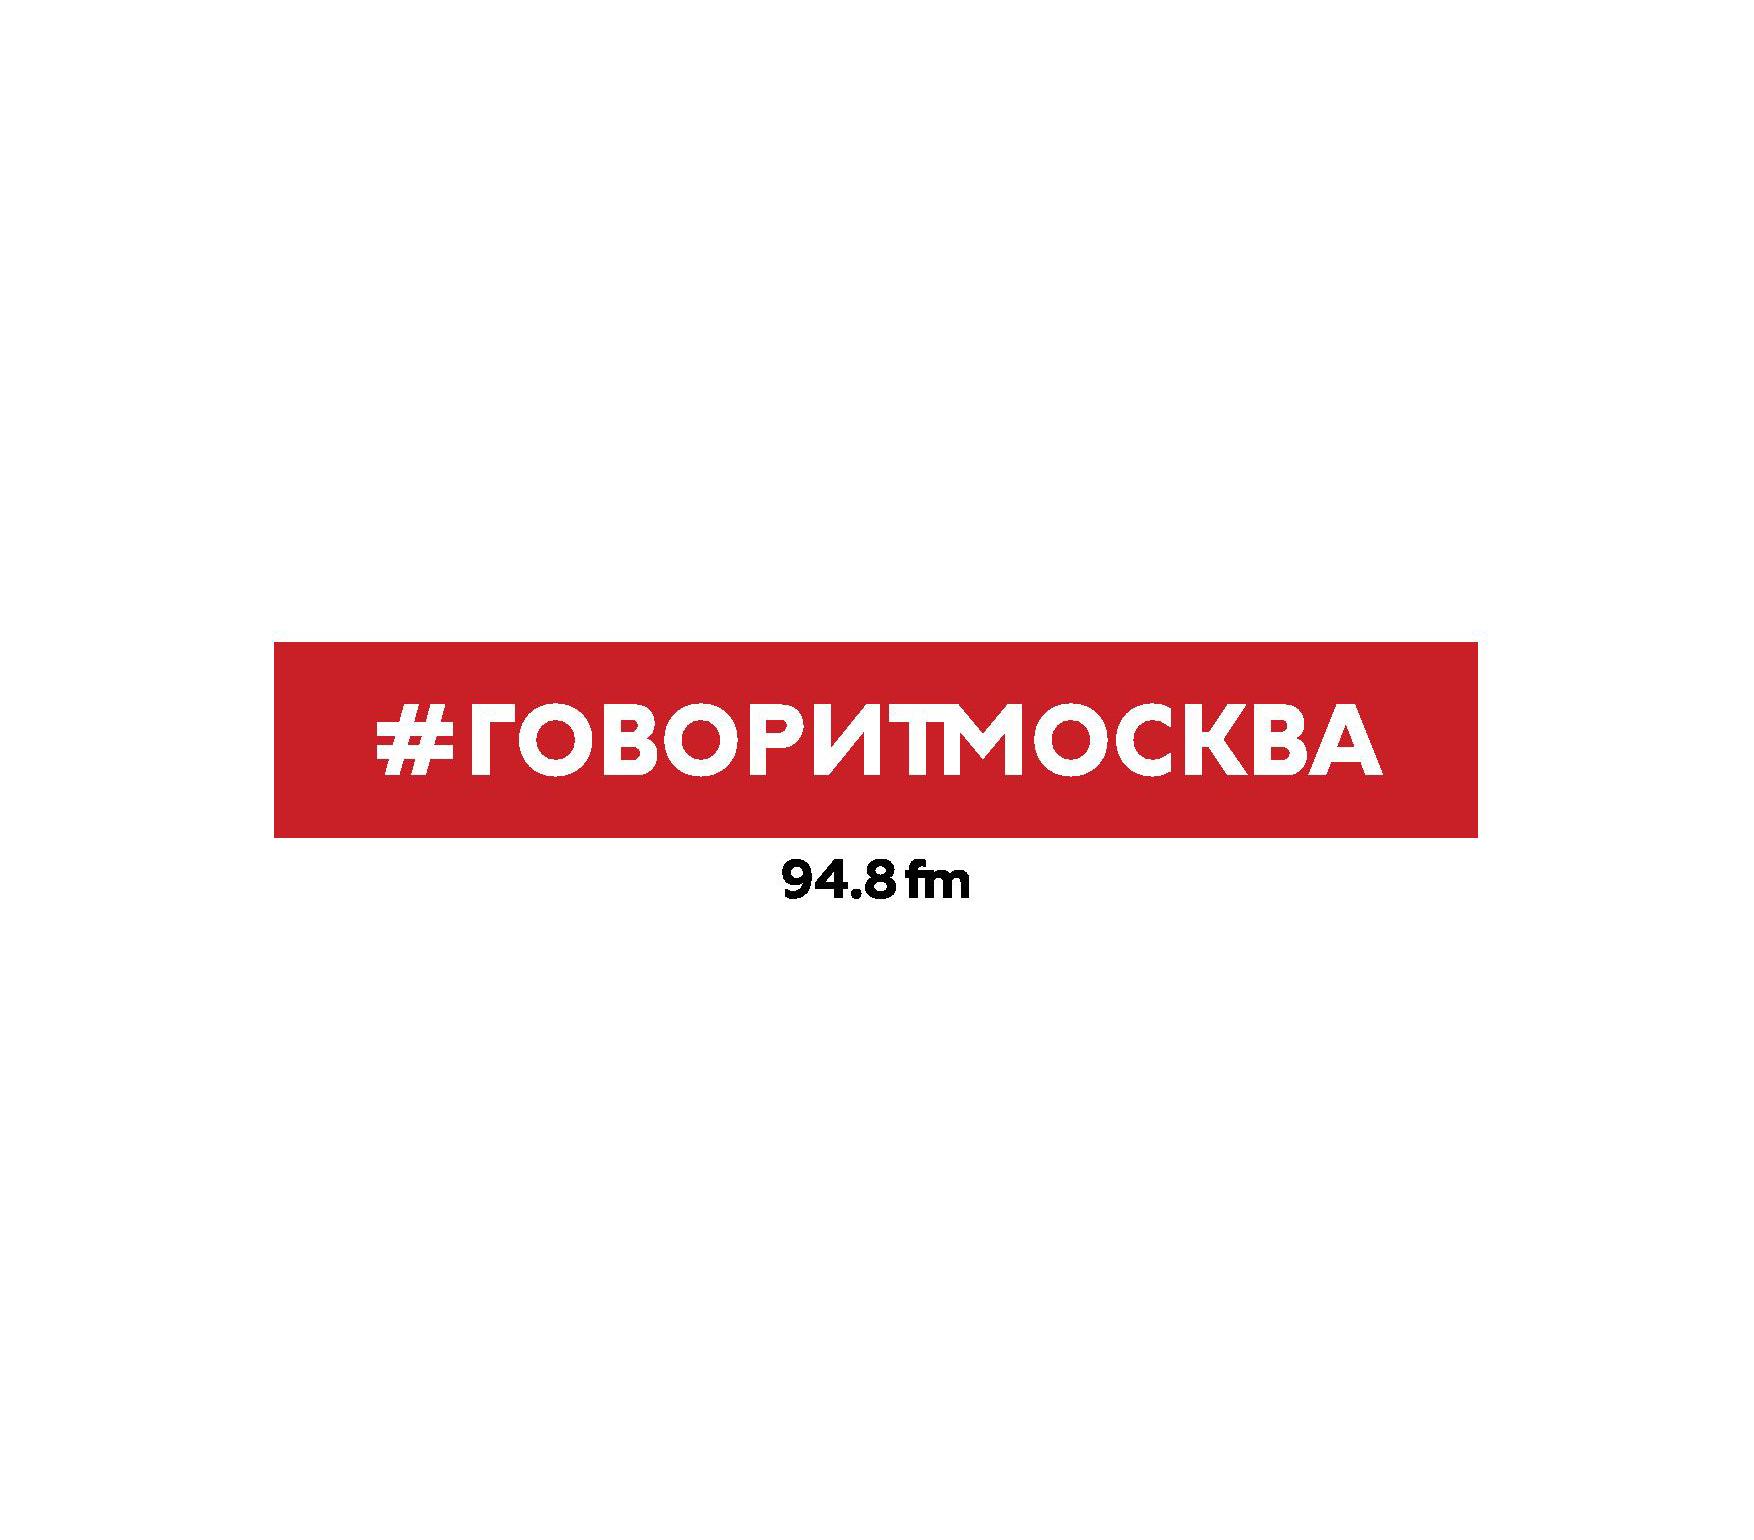 Макс Челноков 7 мая. Николай Усков макс челноков 5 мая марат гельман